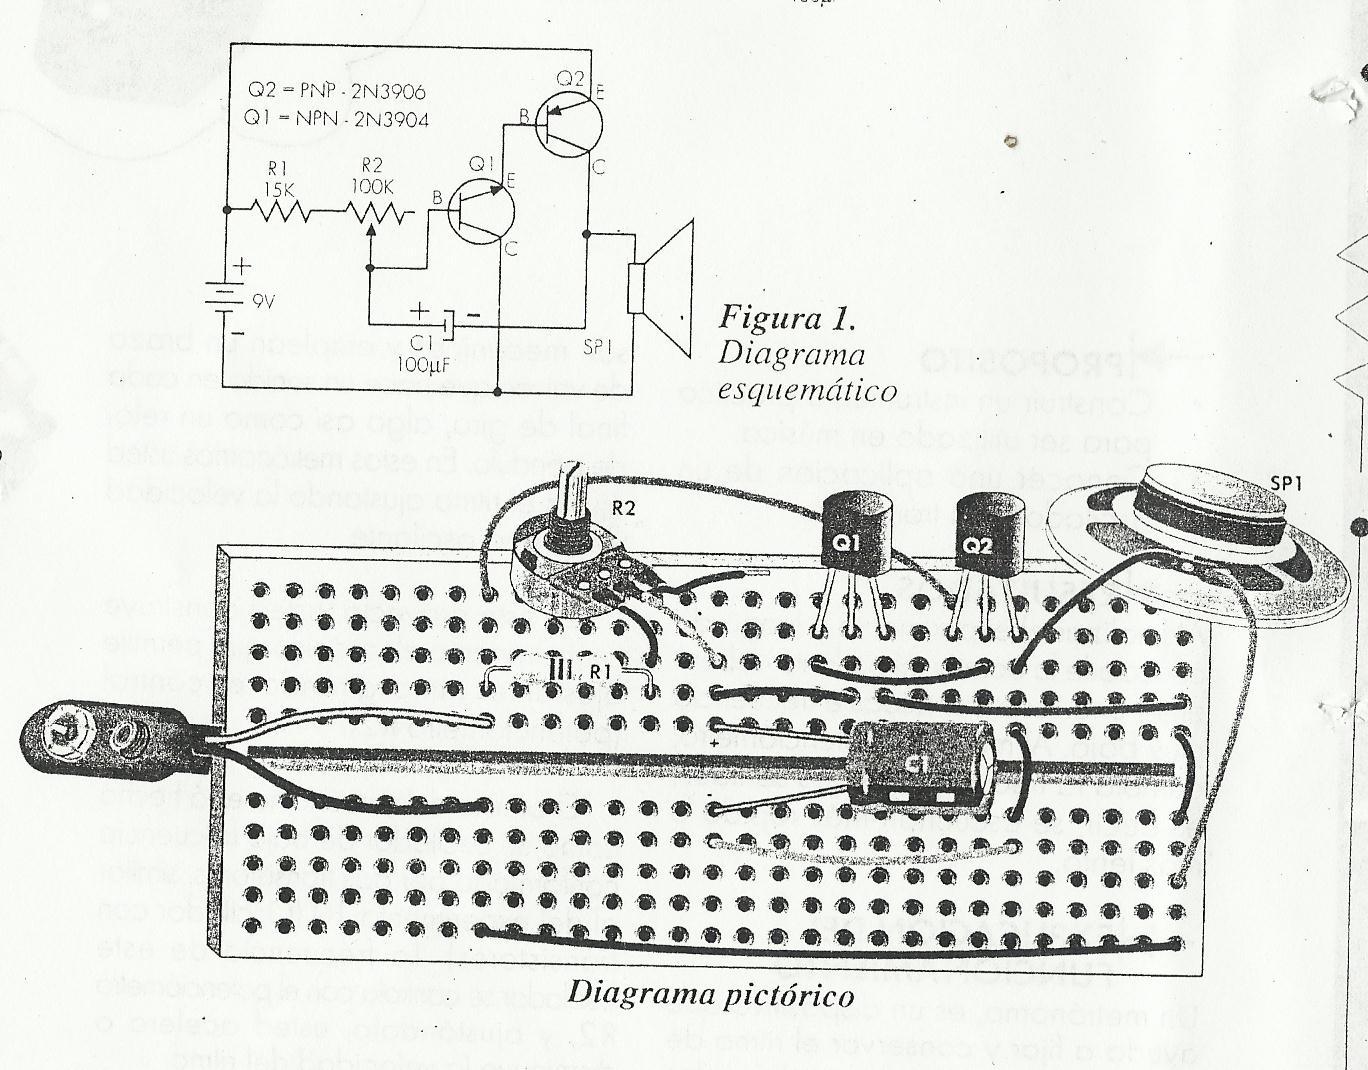 Blog De Electr U00f2nica  Diagramas Electr U00f2nicos